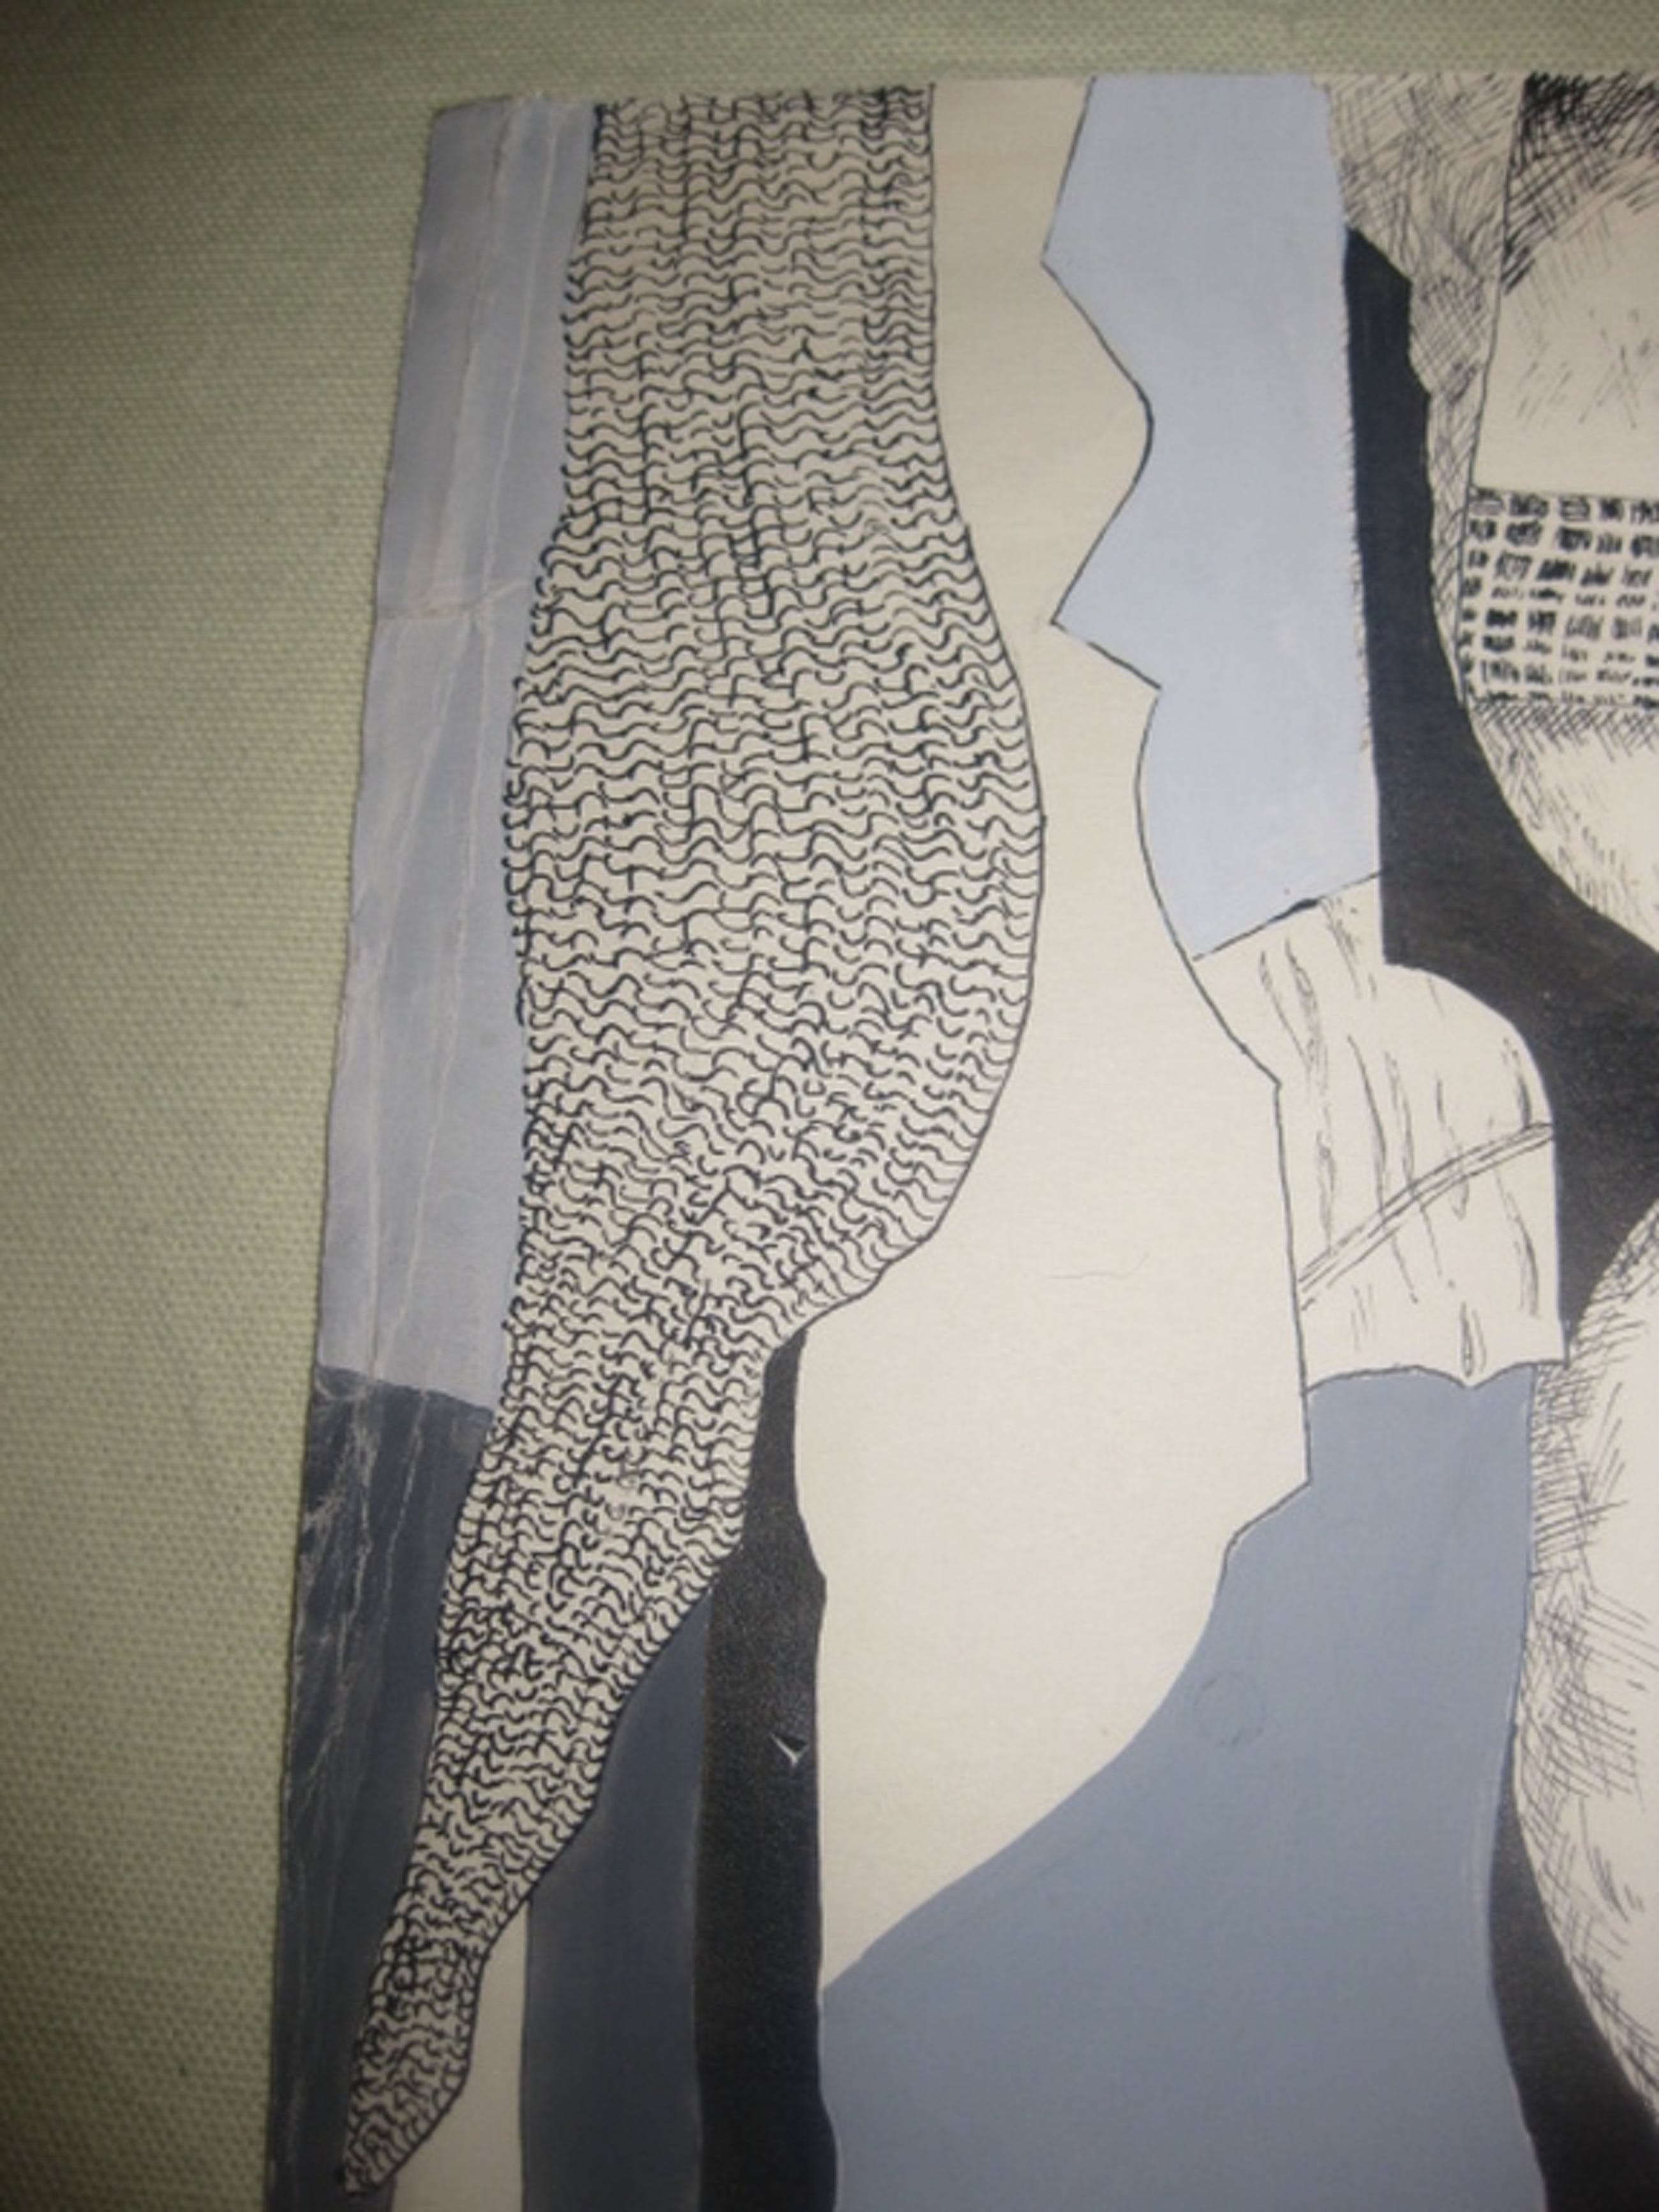 Tekening / gouache van Margot van Capelle - 49x49 cm kopen? Bied vanaf 12!